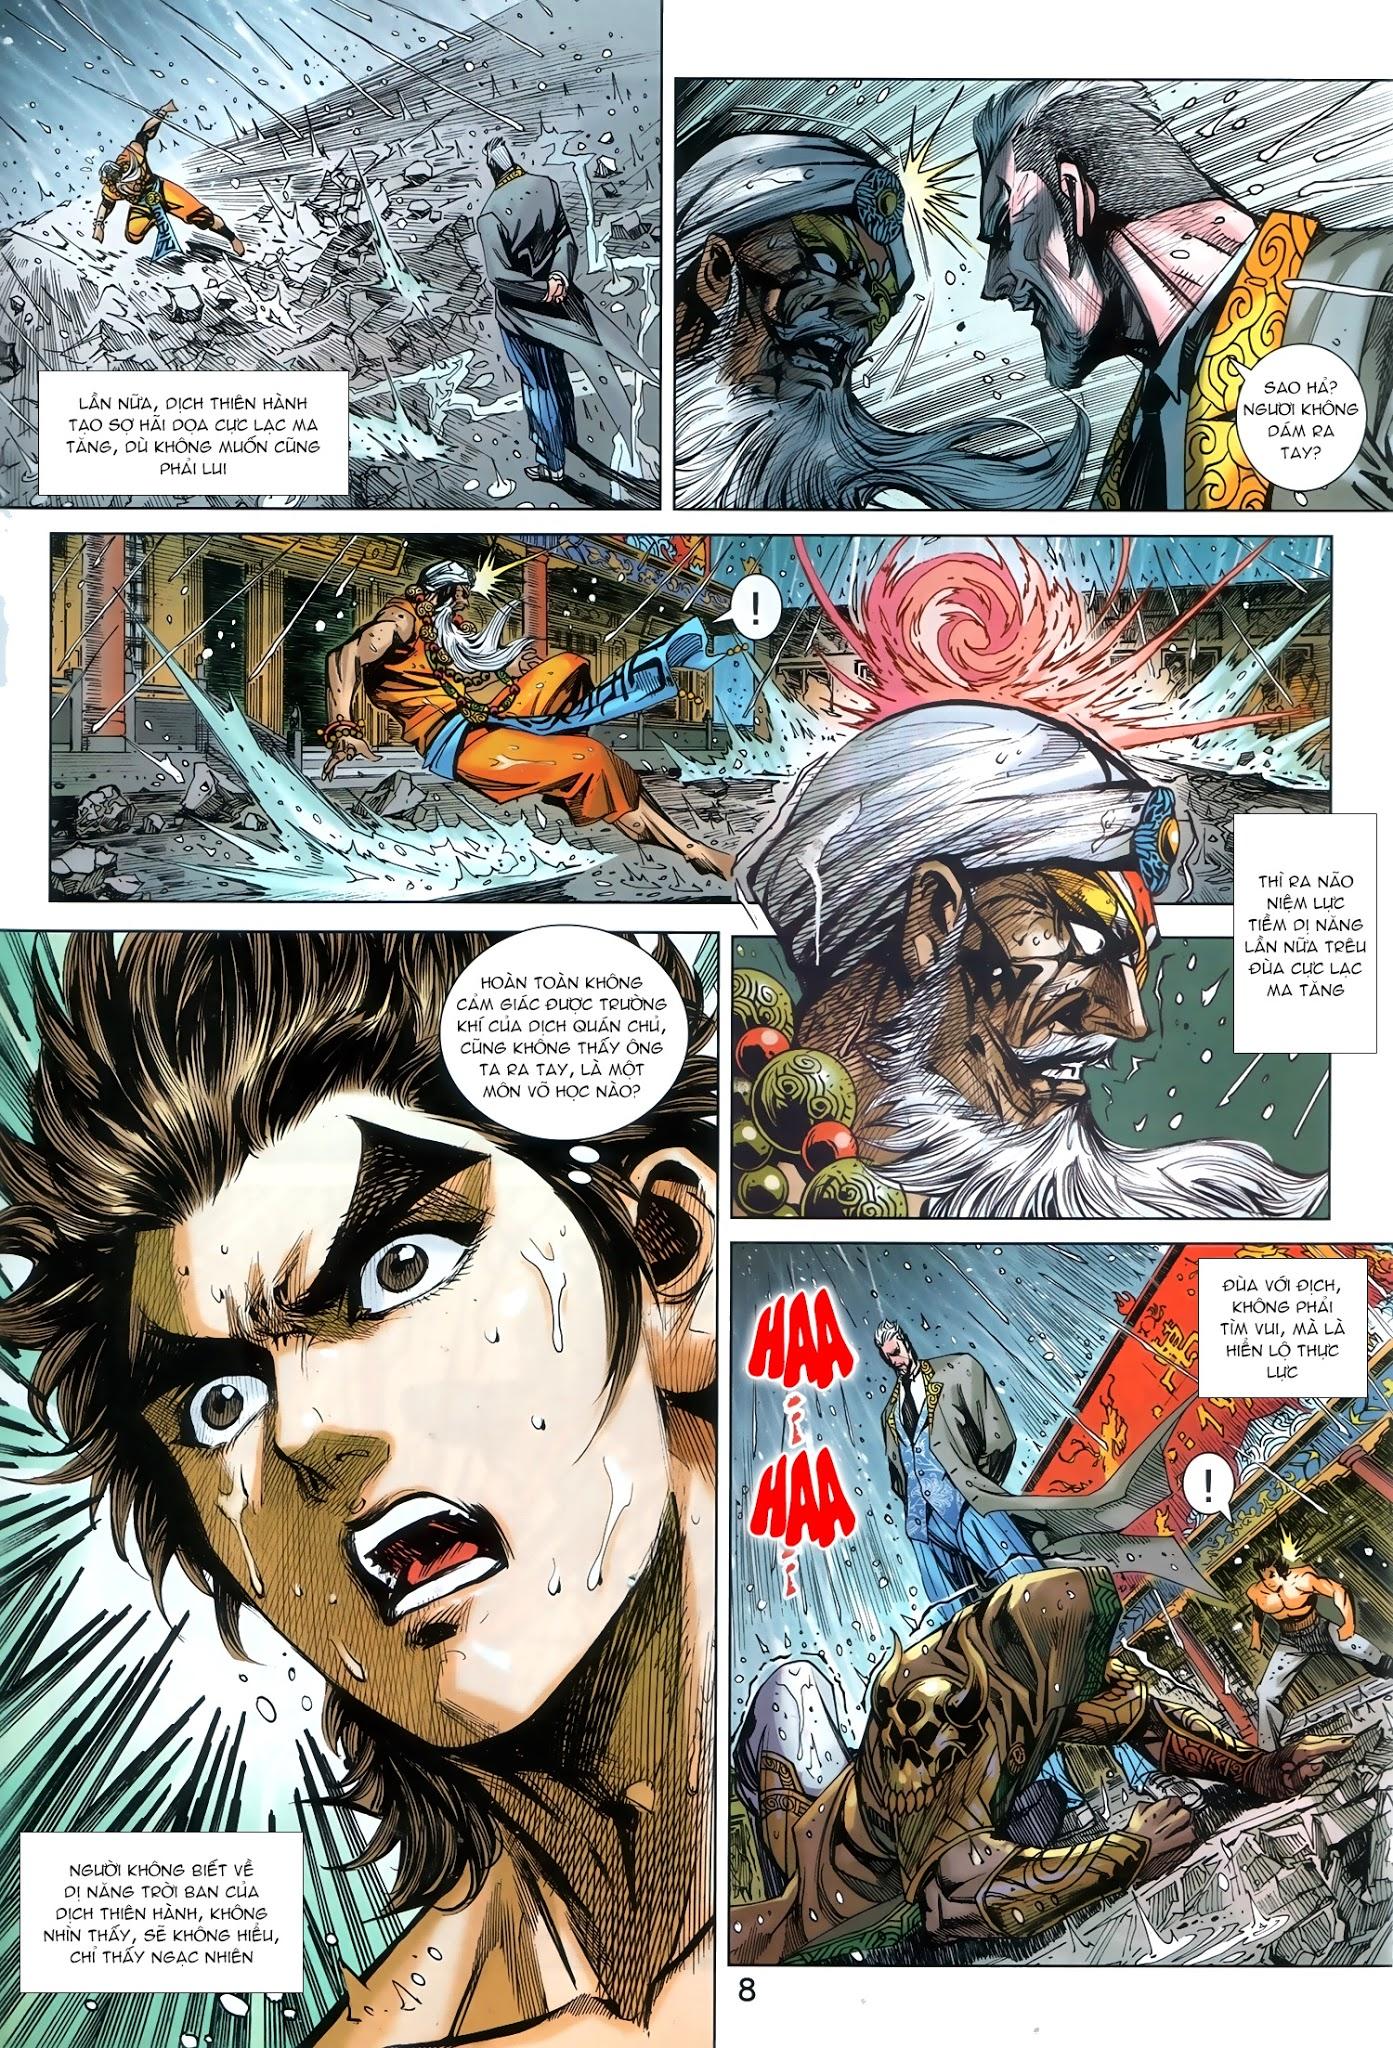 Tân Tác Long Hổ Môn Chap 902 - Trang 8